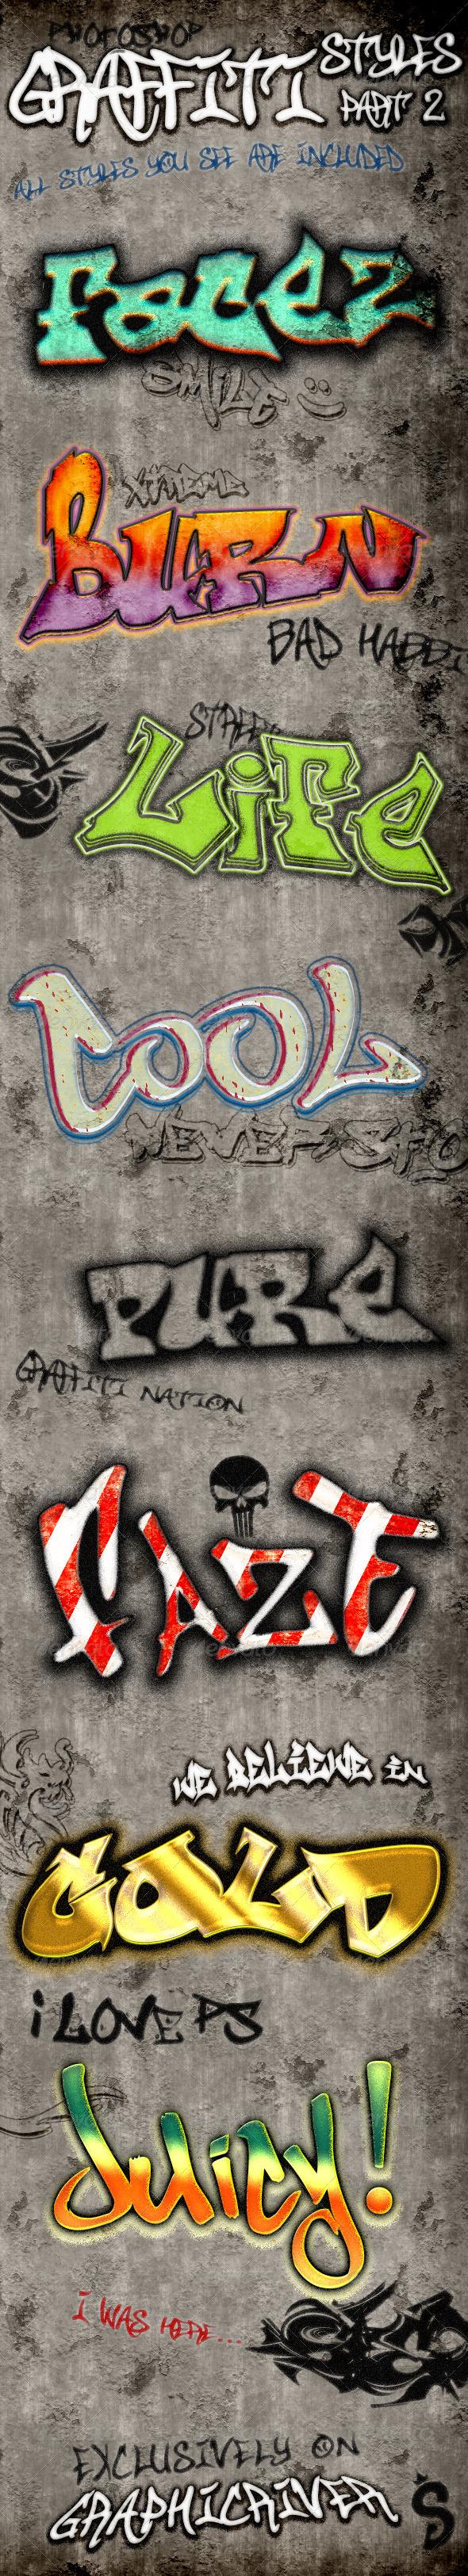 GraphicRiver Graffiti Styles Part 2 6055367